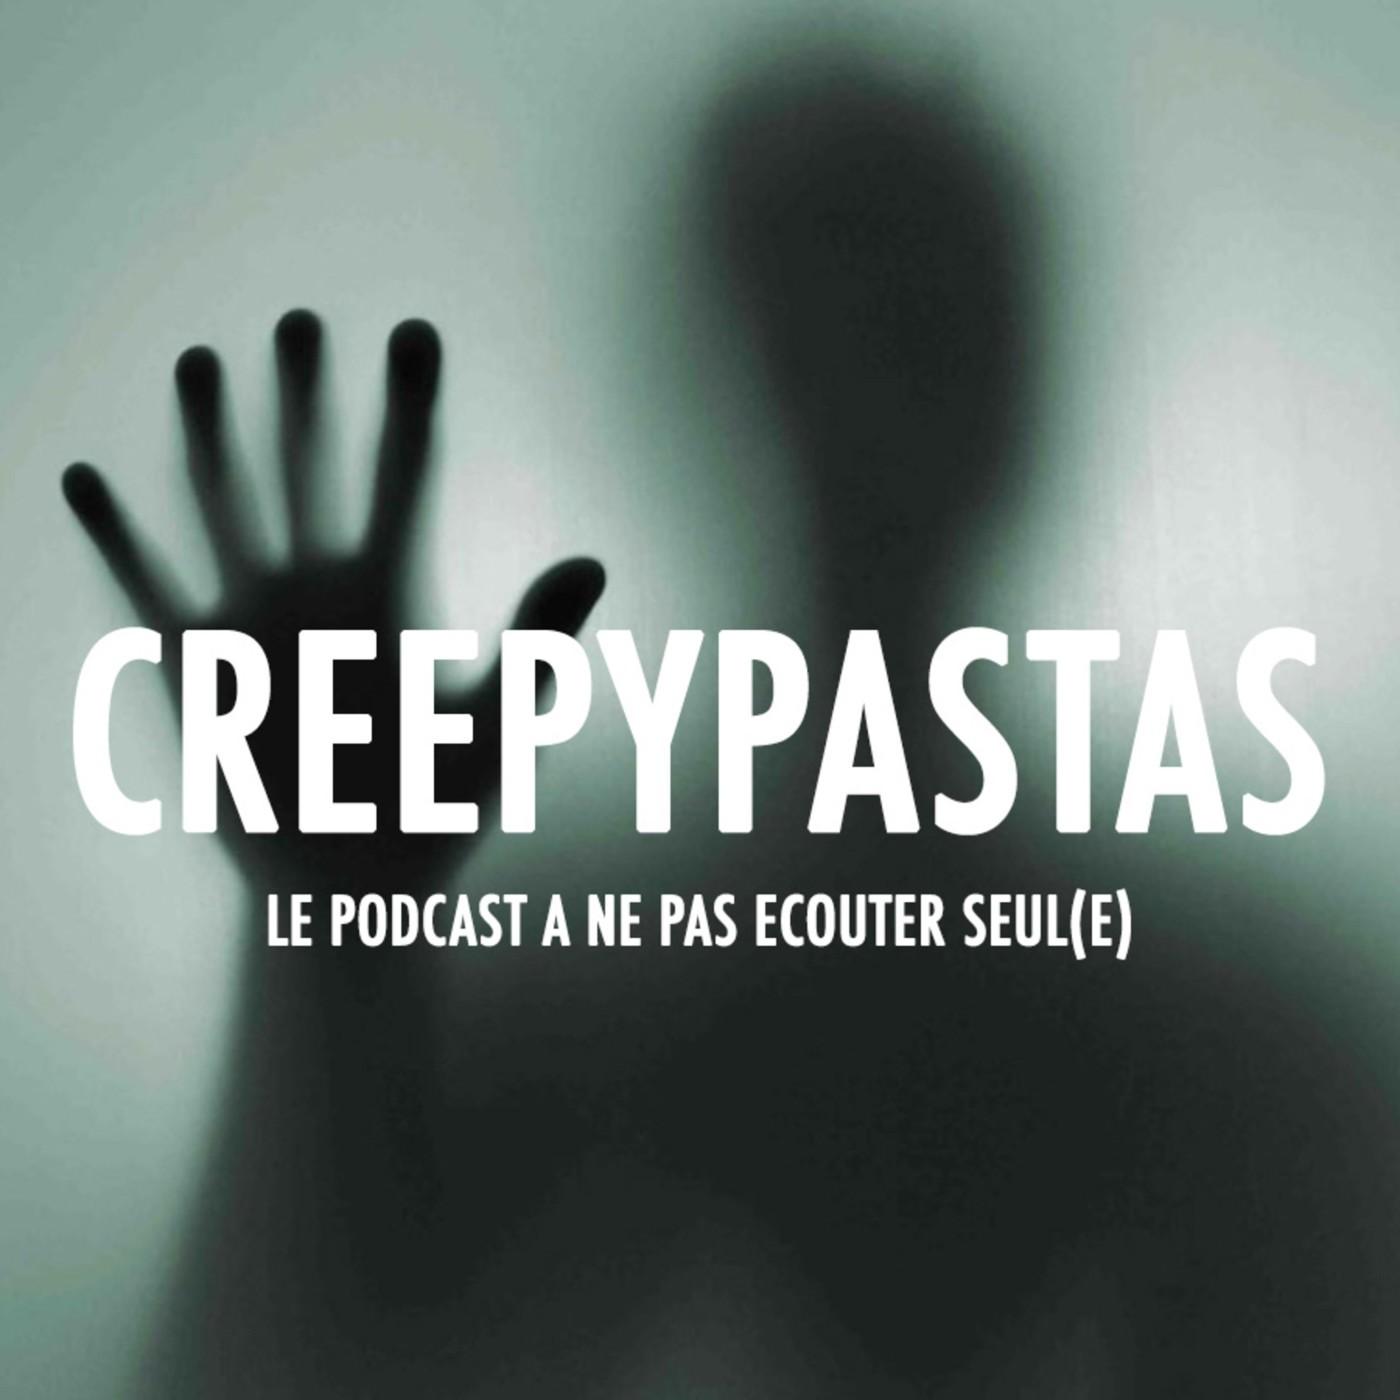 CREEPYPASTA EP.005 - Il se cachait sous le toit - Podcast horreur & paranormal